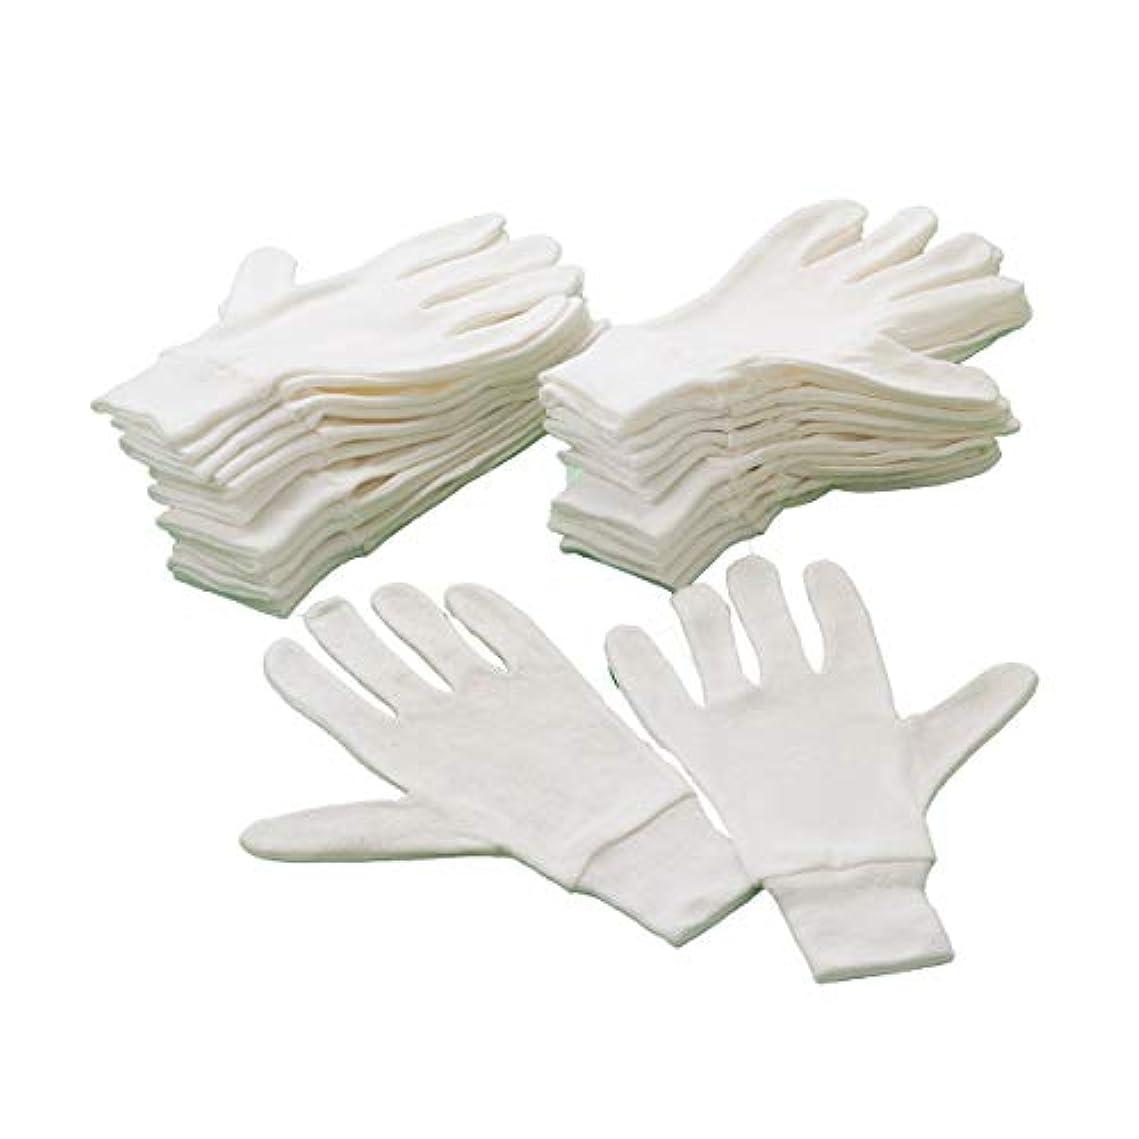 ペース飾り羽オプションコットン手袋 12枚入り